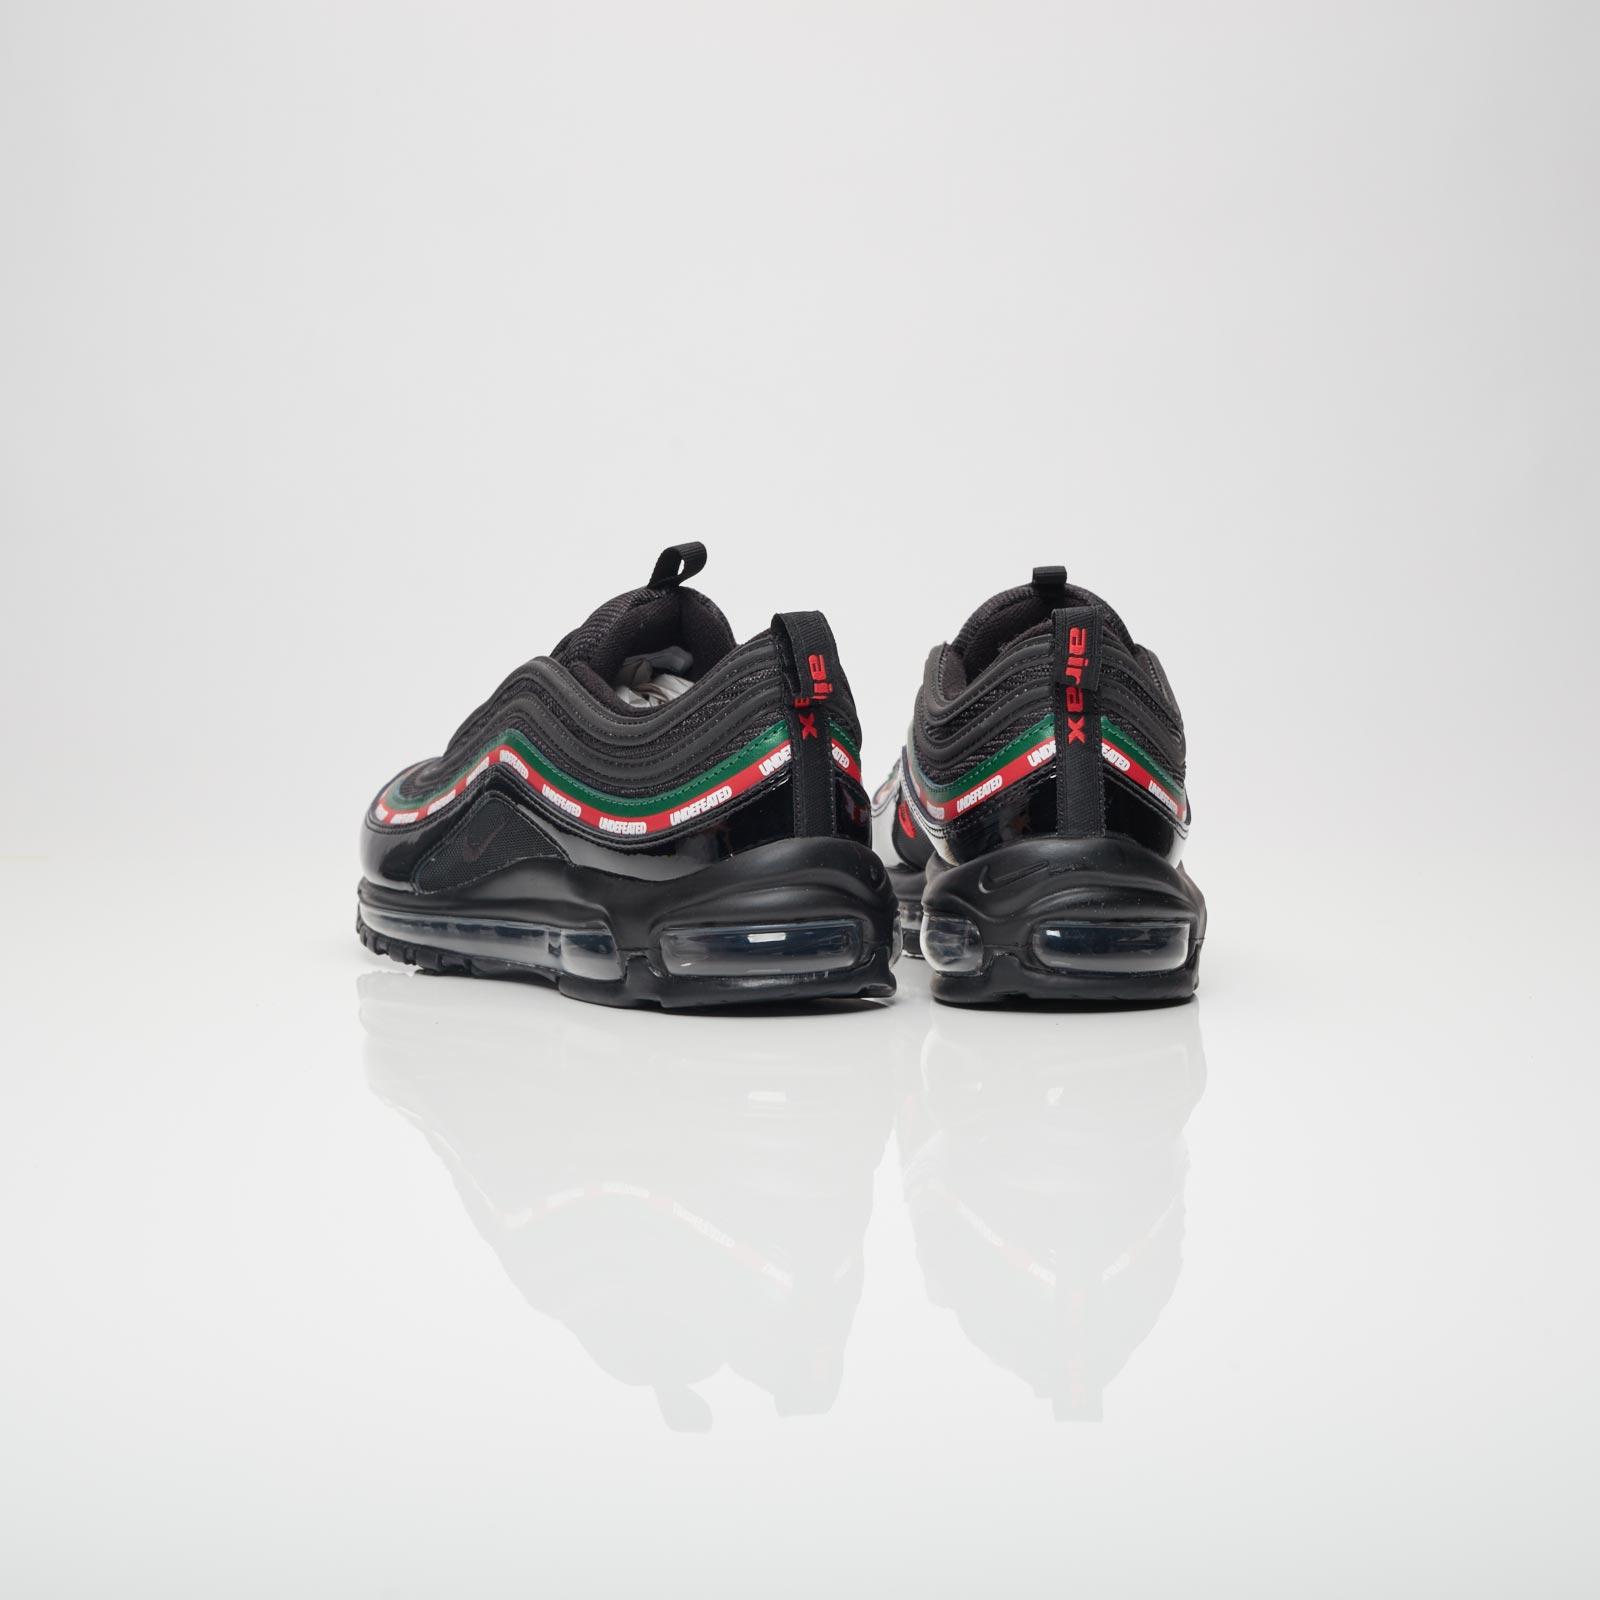 on sale e9274 7121e Nike Air Max 97 OG   UNDFTD - Aj1986-001 - Sneakersnstuff   sneakers    streetwear online since 1999